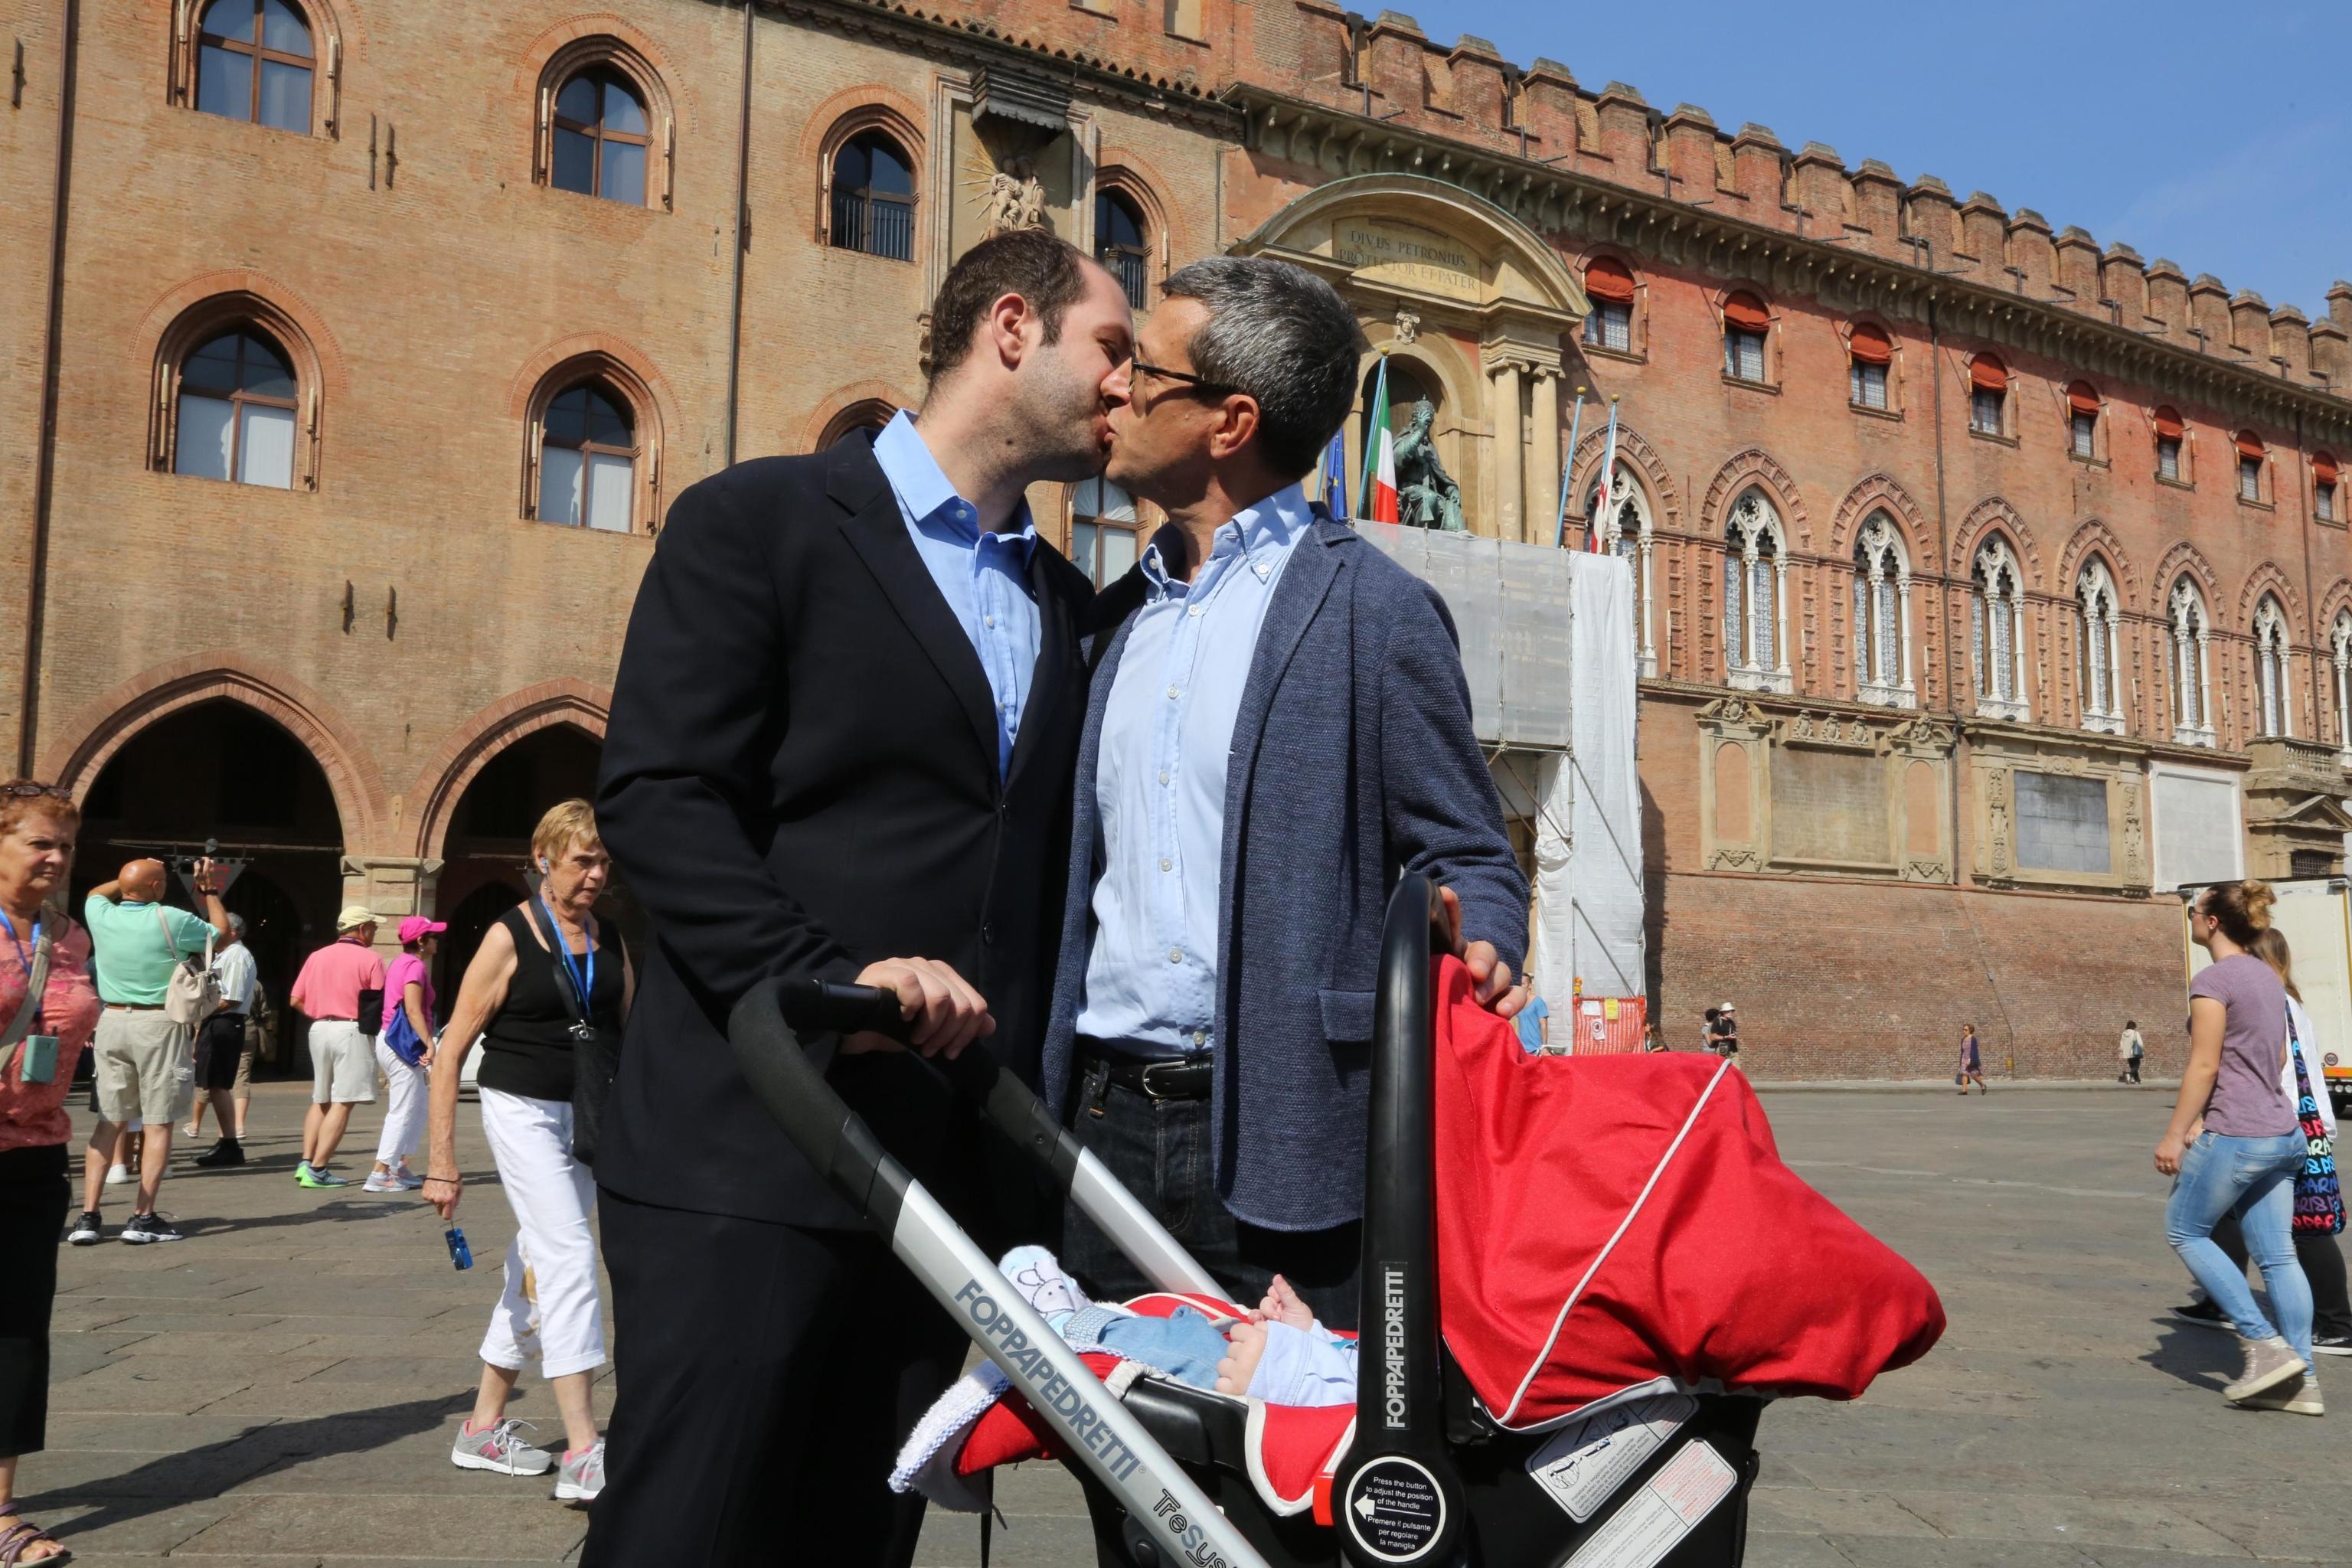 Ufficio Matrimoni Bologna : Bologna cancellate le trascrizioni dei matrimoni omosessuali